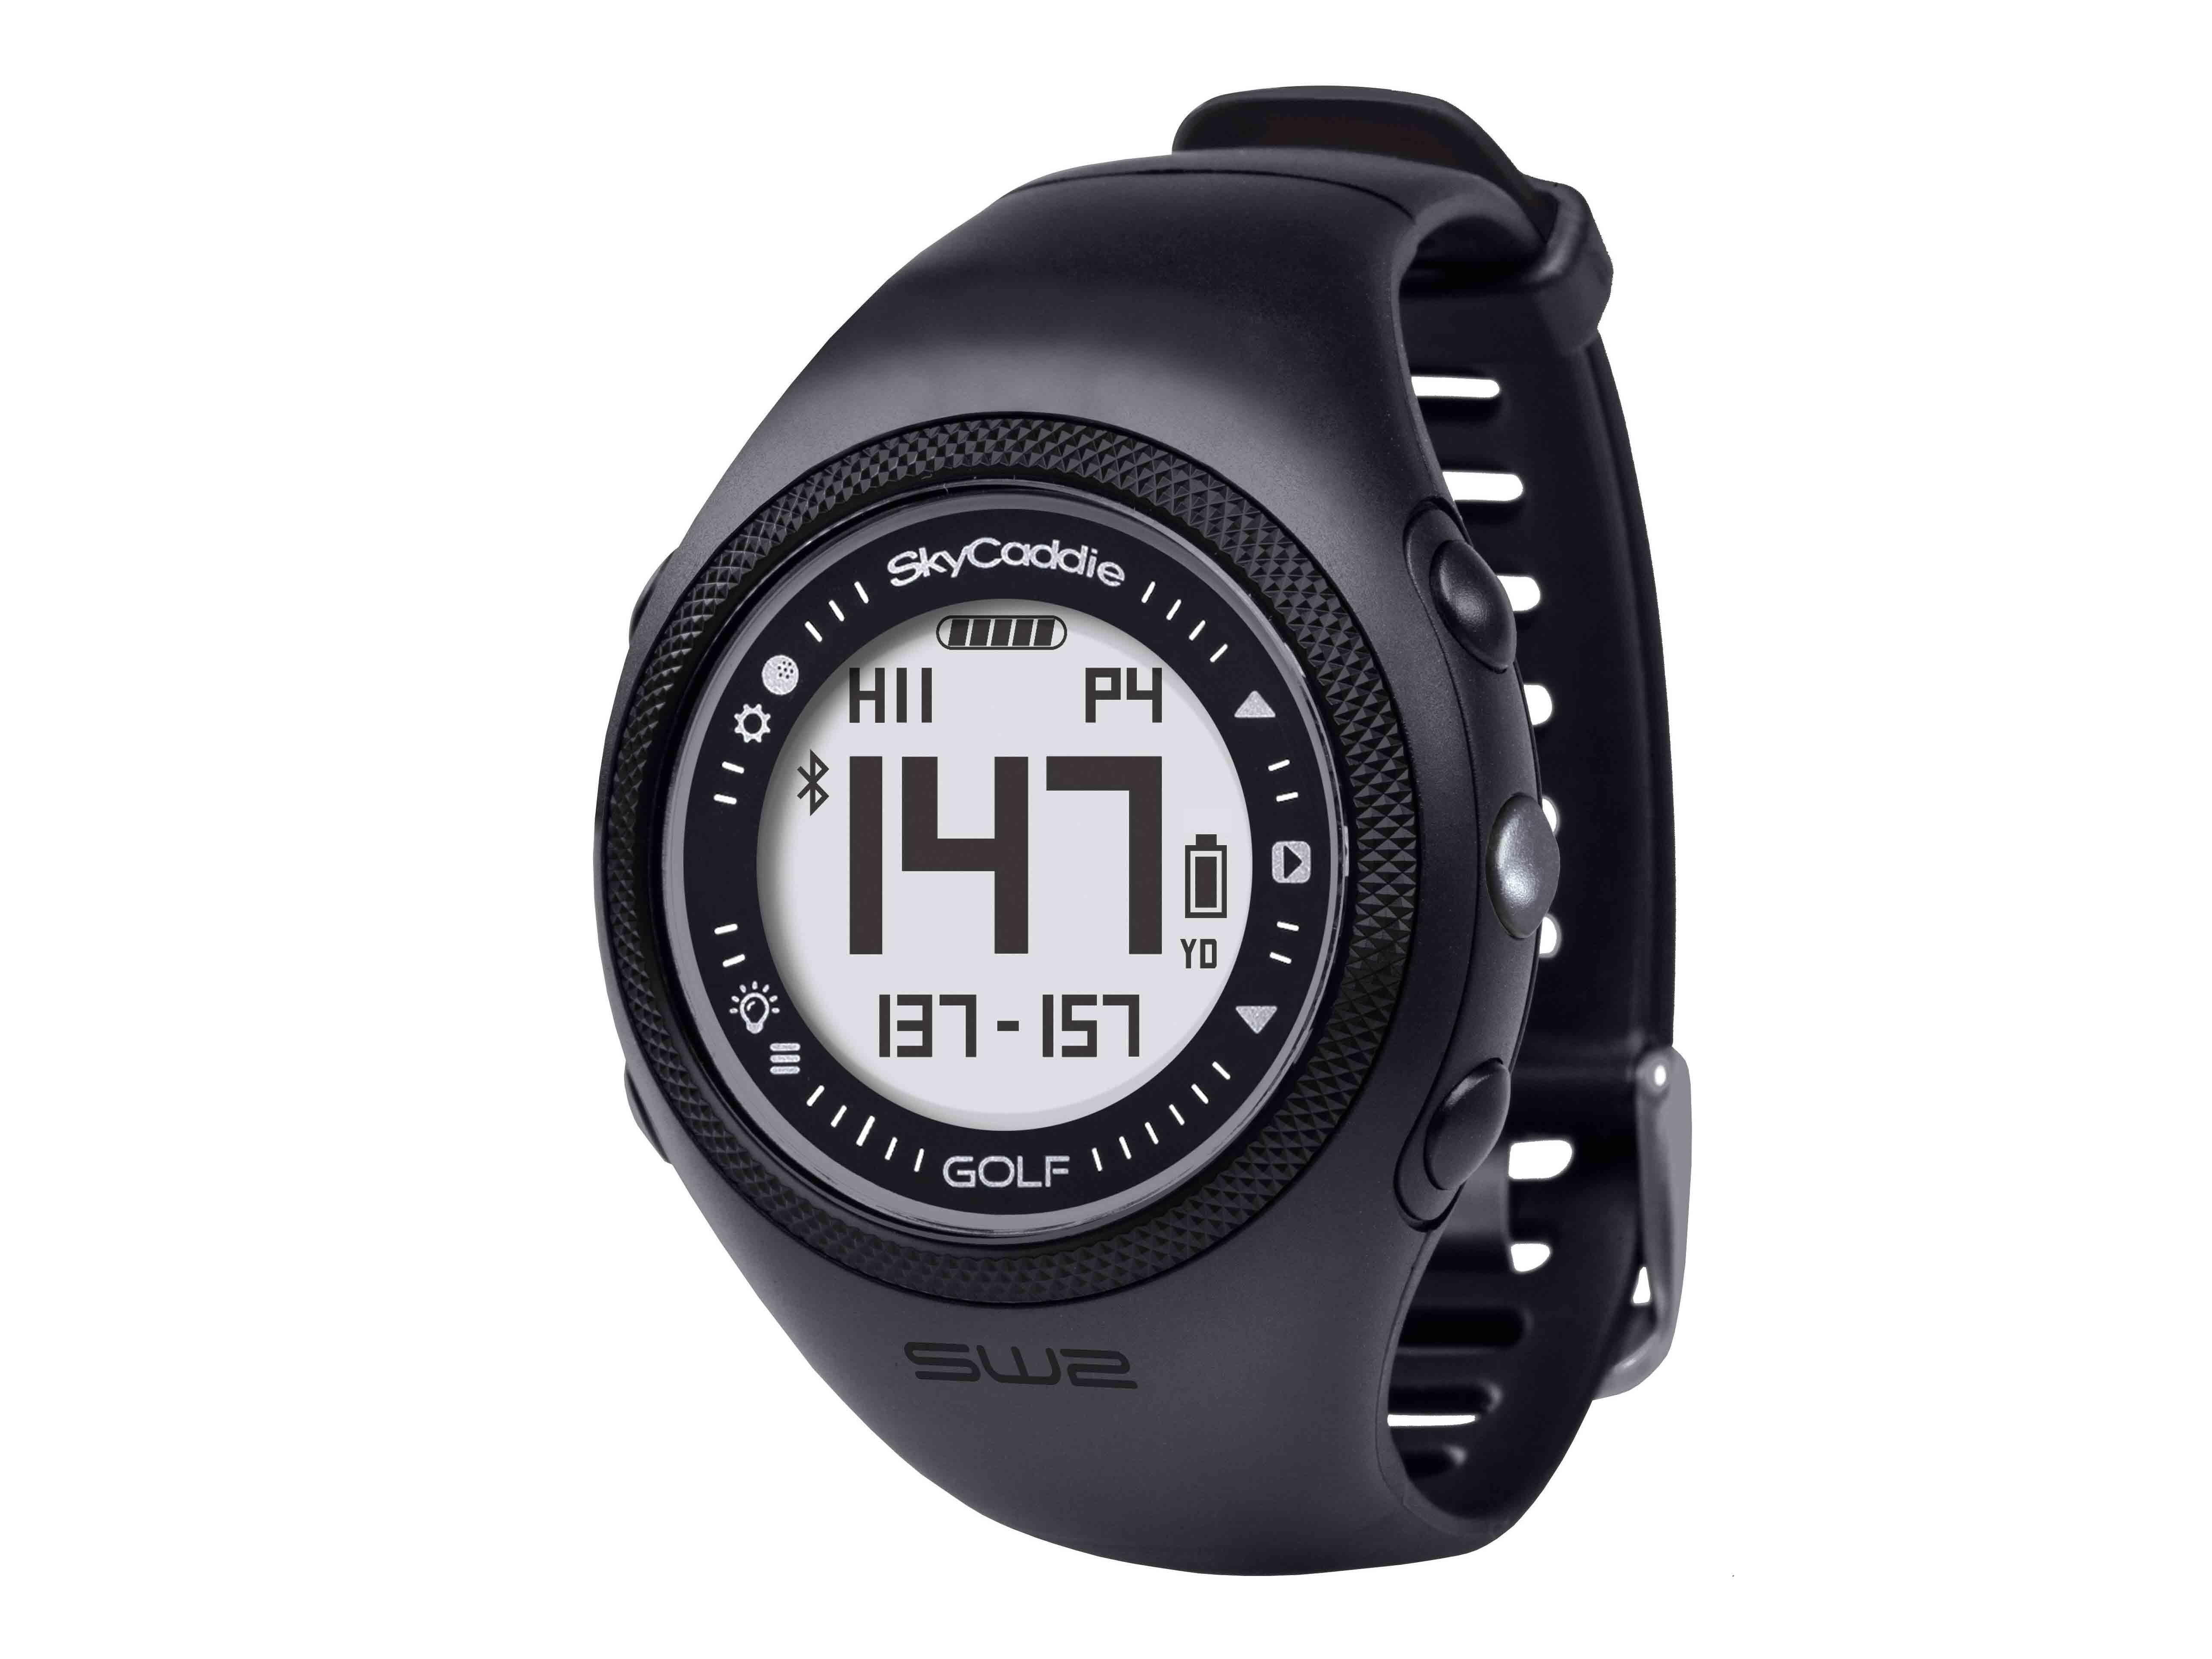 SkyGolf SW2 GPS Watch